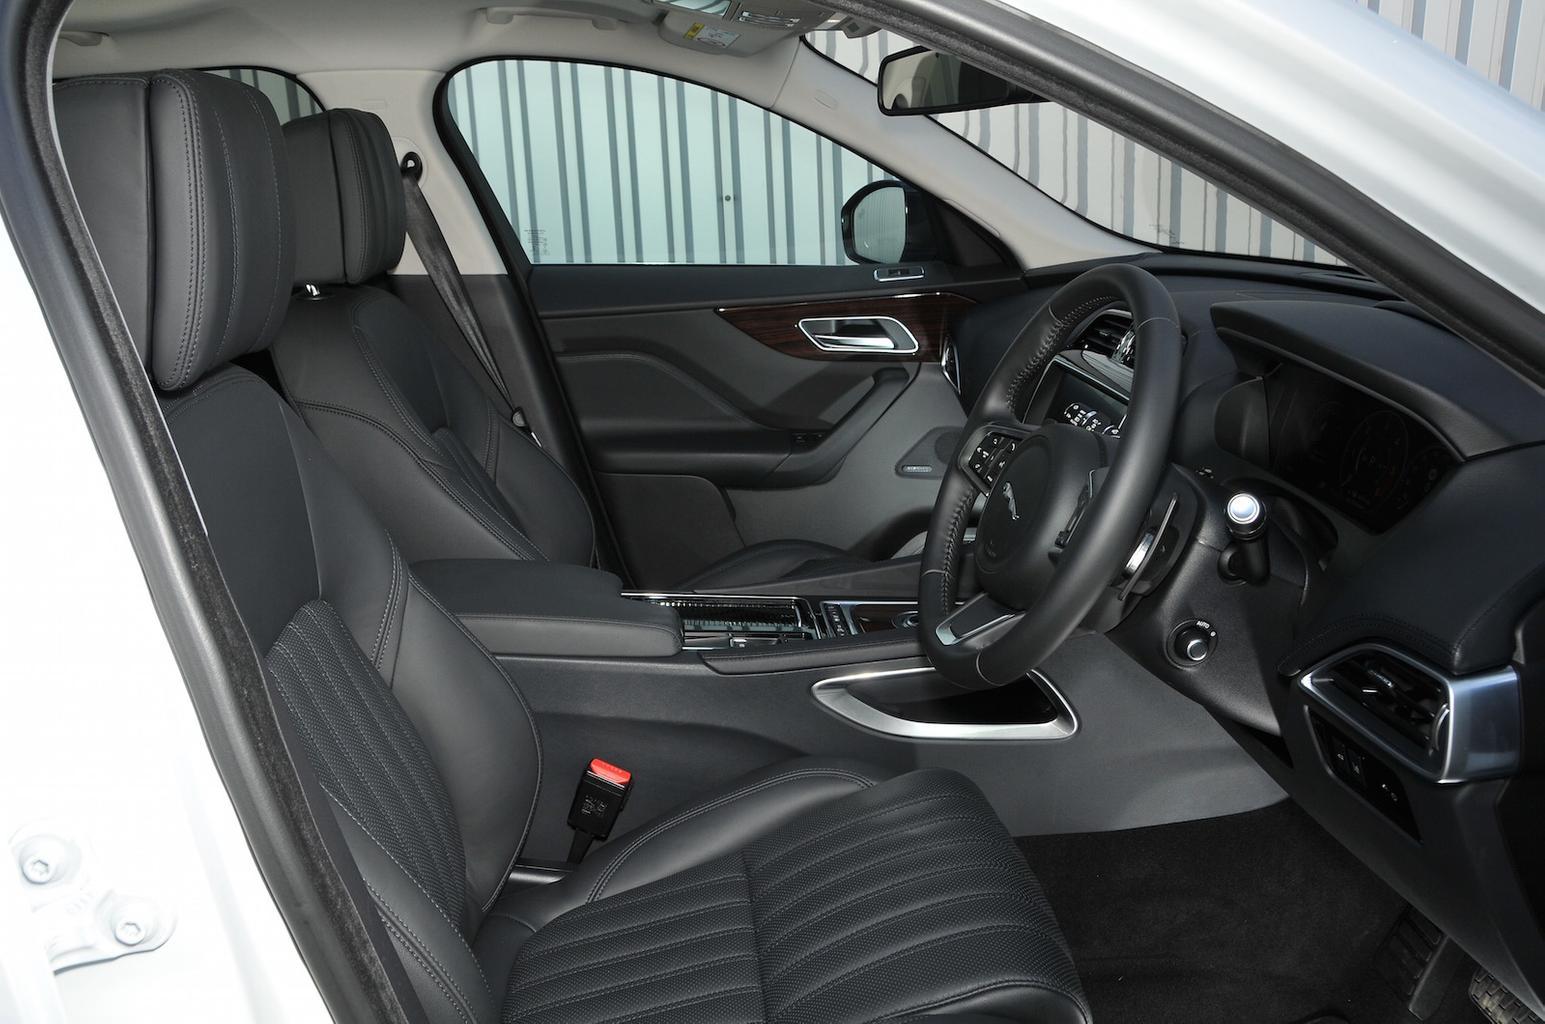 2017 Jaguar F-Pace 25d 240 review